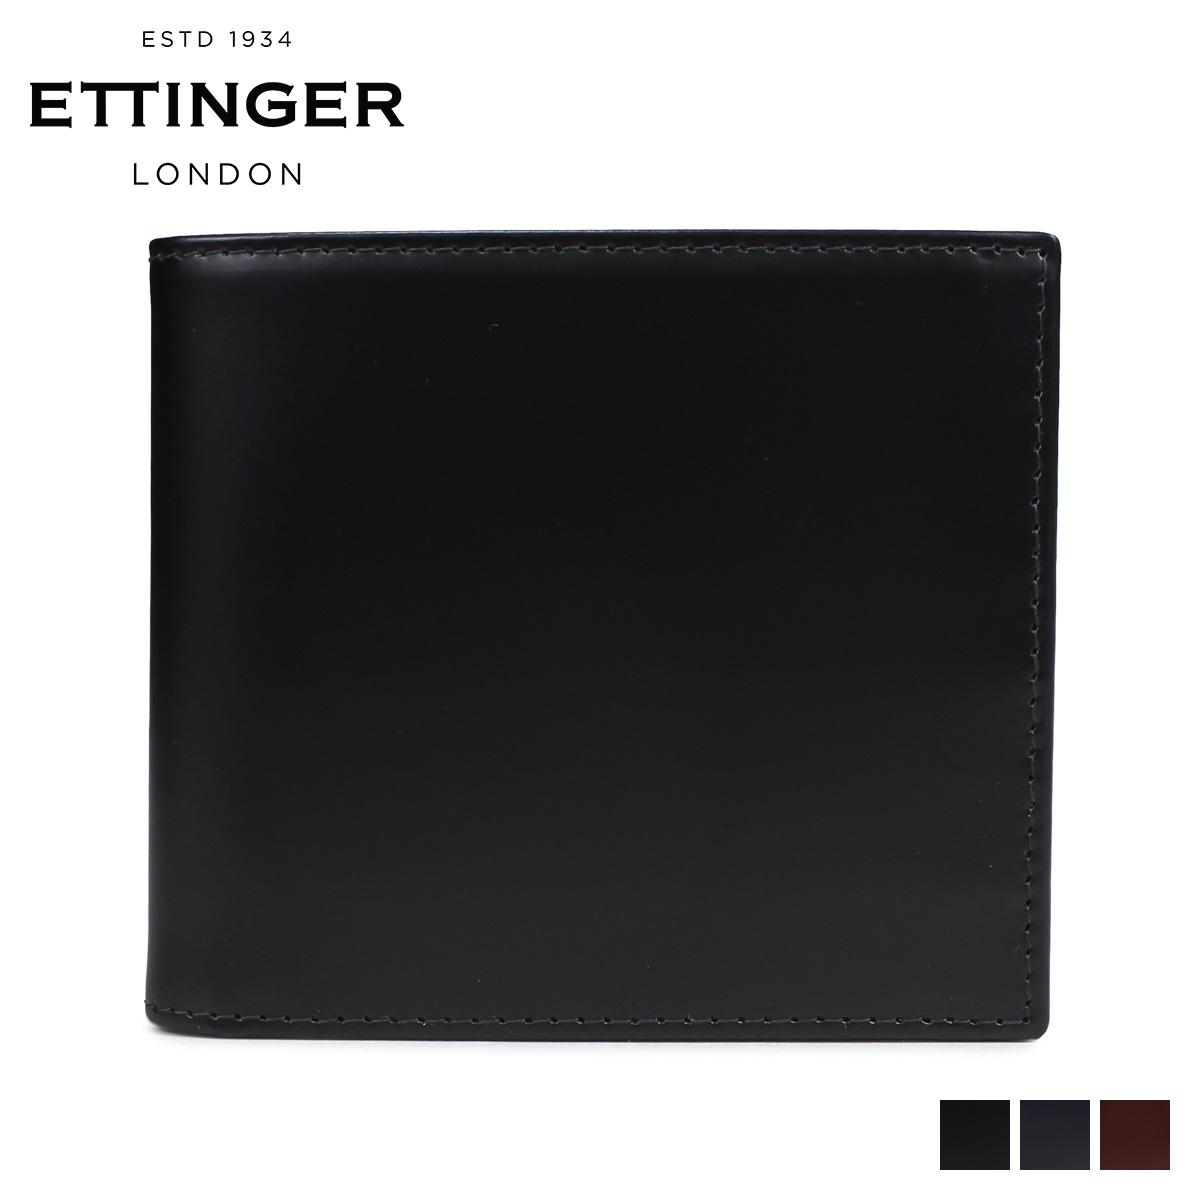 ETTINGER BILLFOLD WITH 6CC COIN PURSE エッティンガー 財布 二つ折り メンズ レザー ブラック ネイビー ブラウン 黒 BH142JR